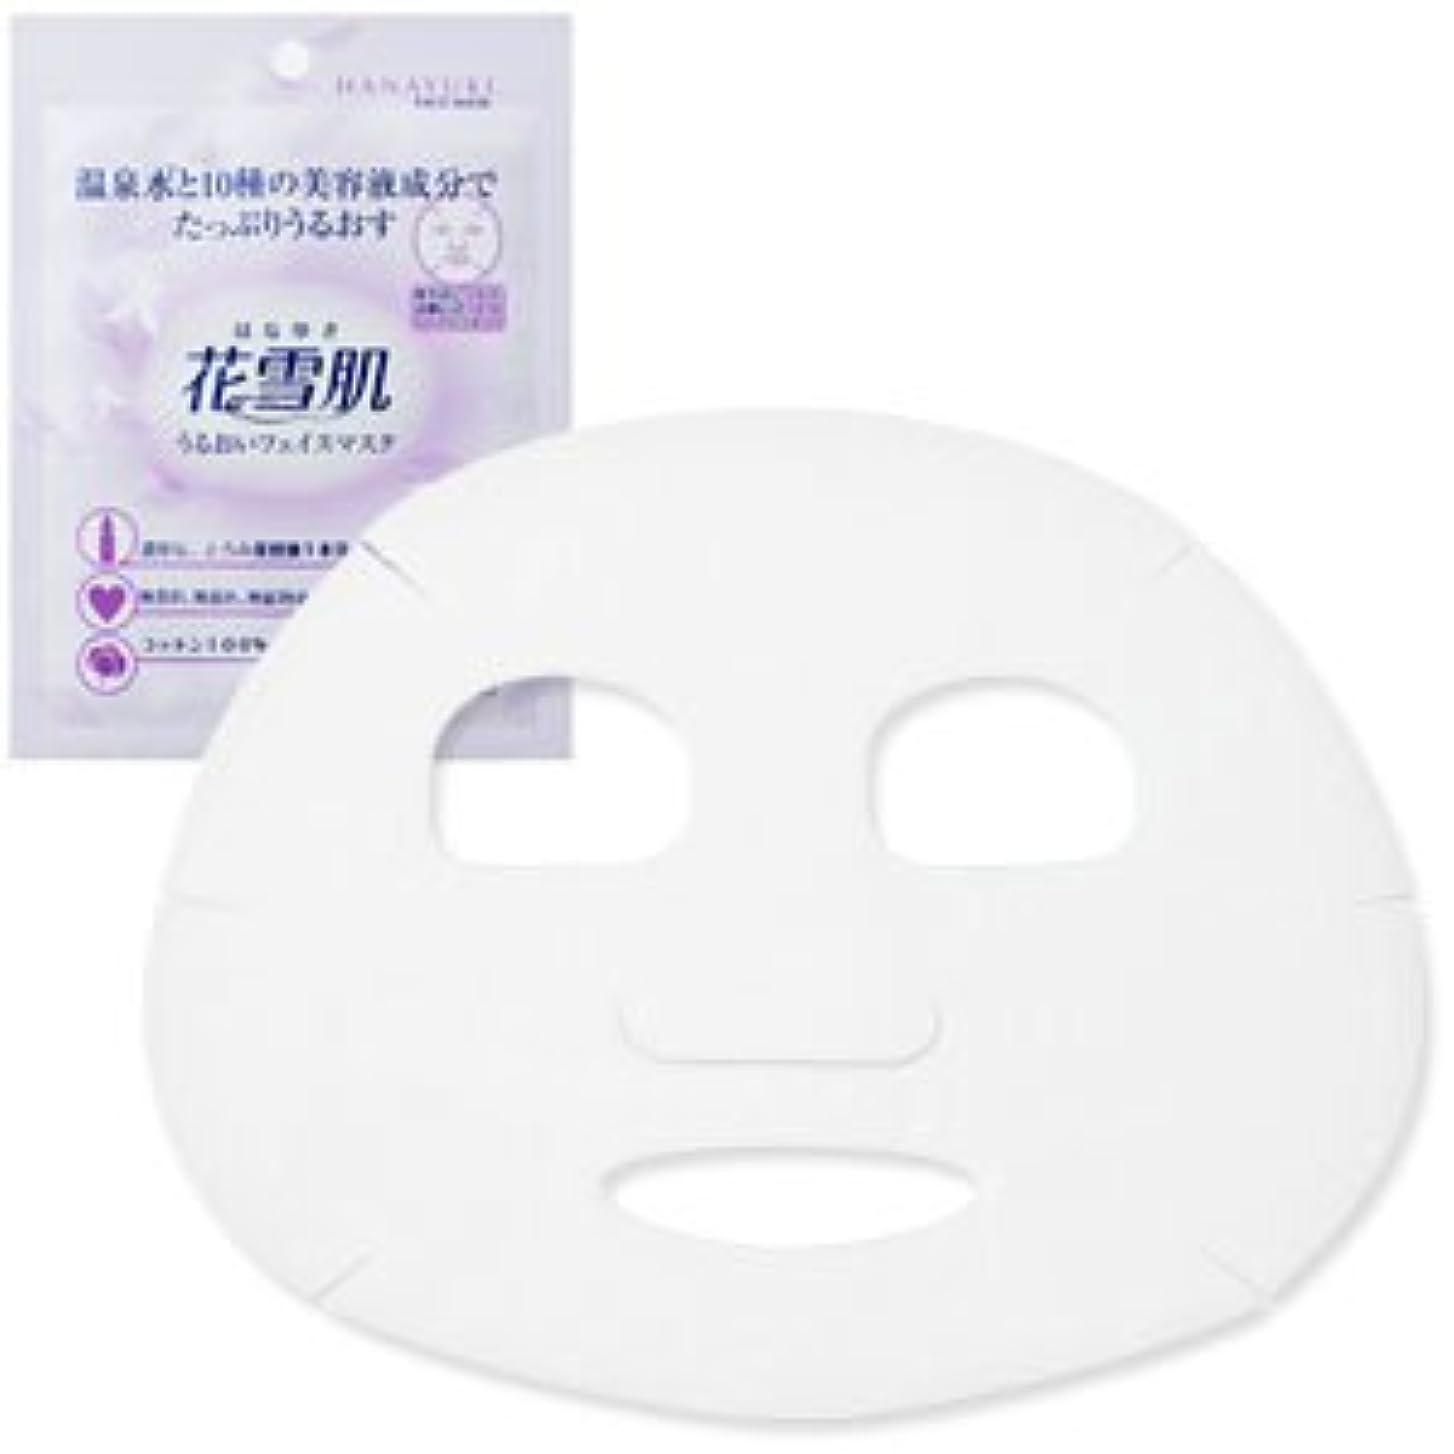 ひも宿命シュリンク花雪肌 うるおいフェイスマスク 10枚セット [10種類の美容液成分を配合] ヒアルロン酸 コラーゲン フェイスパック